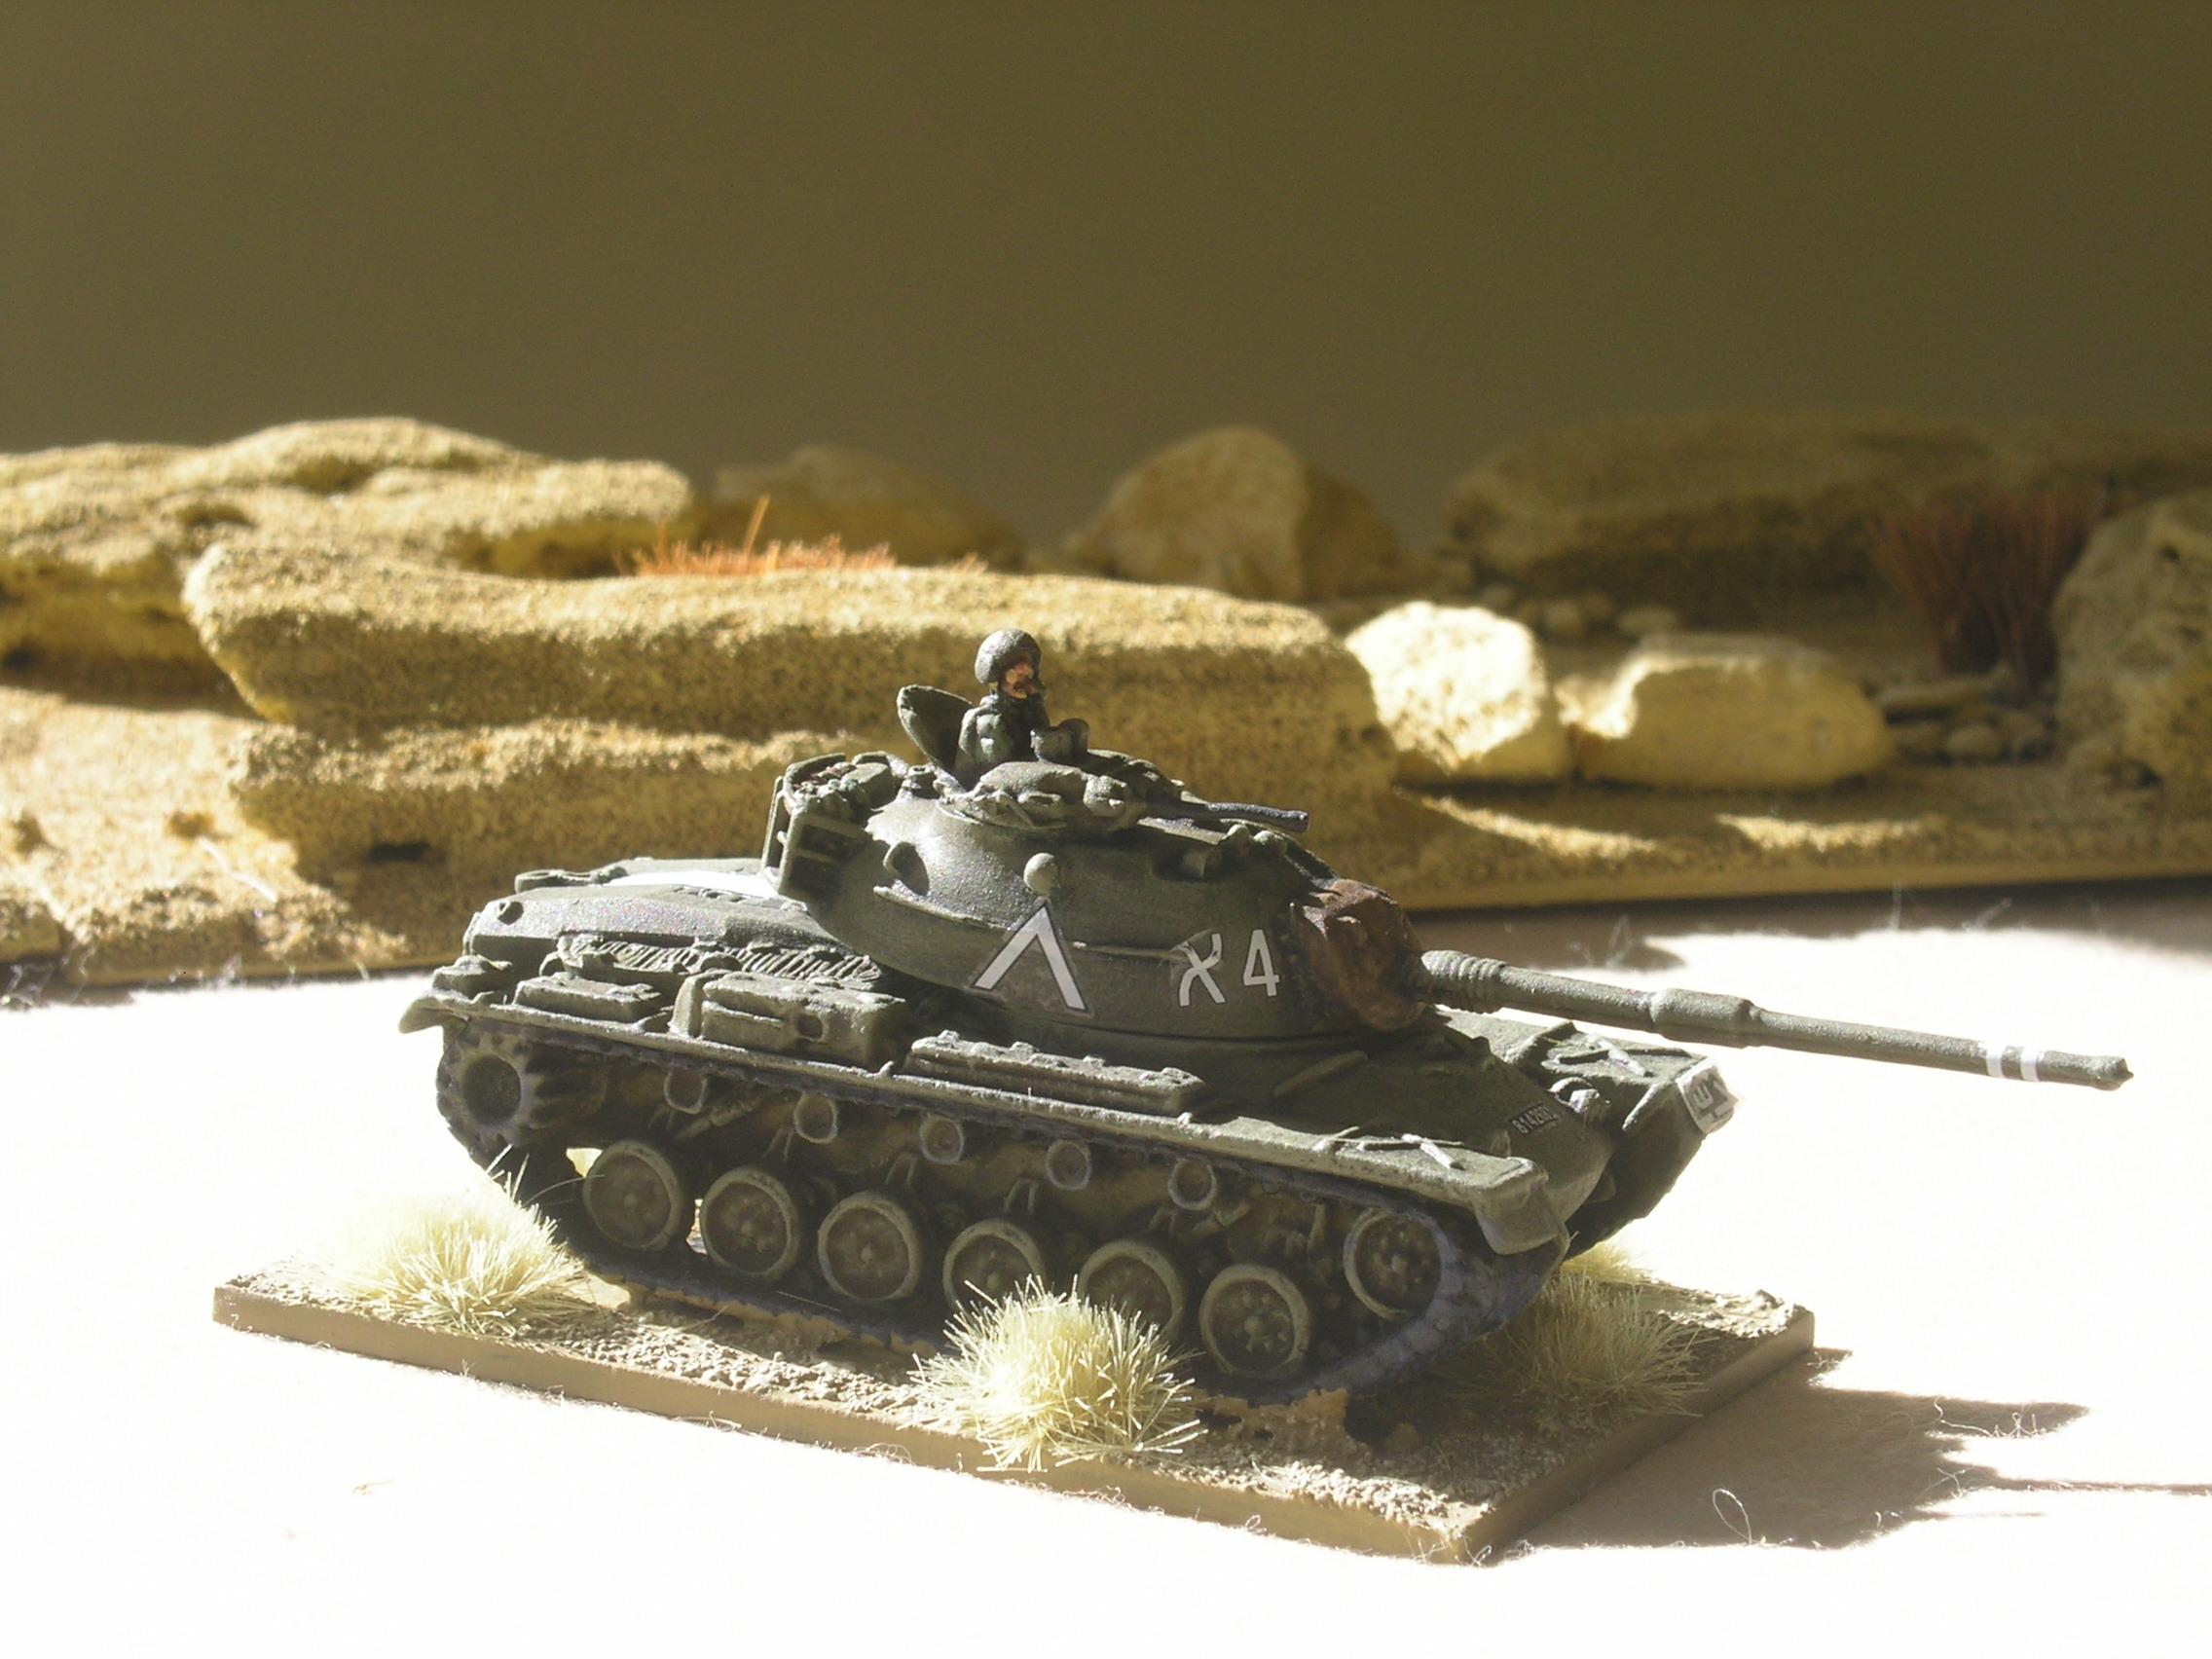 MAGACH/M48 (upgunned to a 105mm gun)